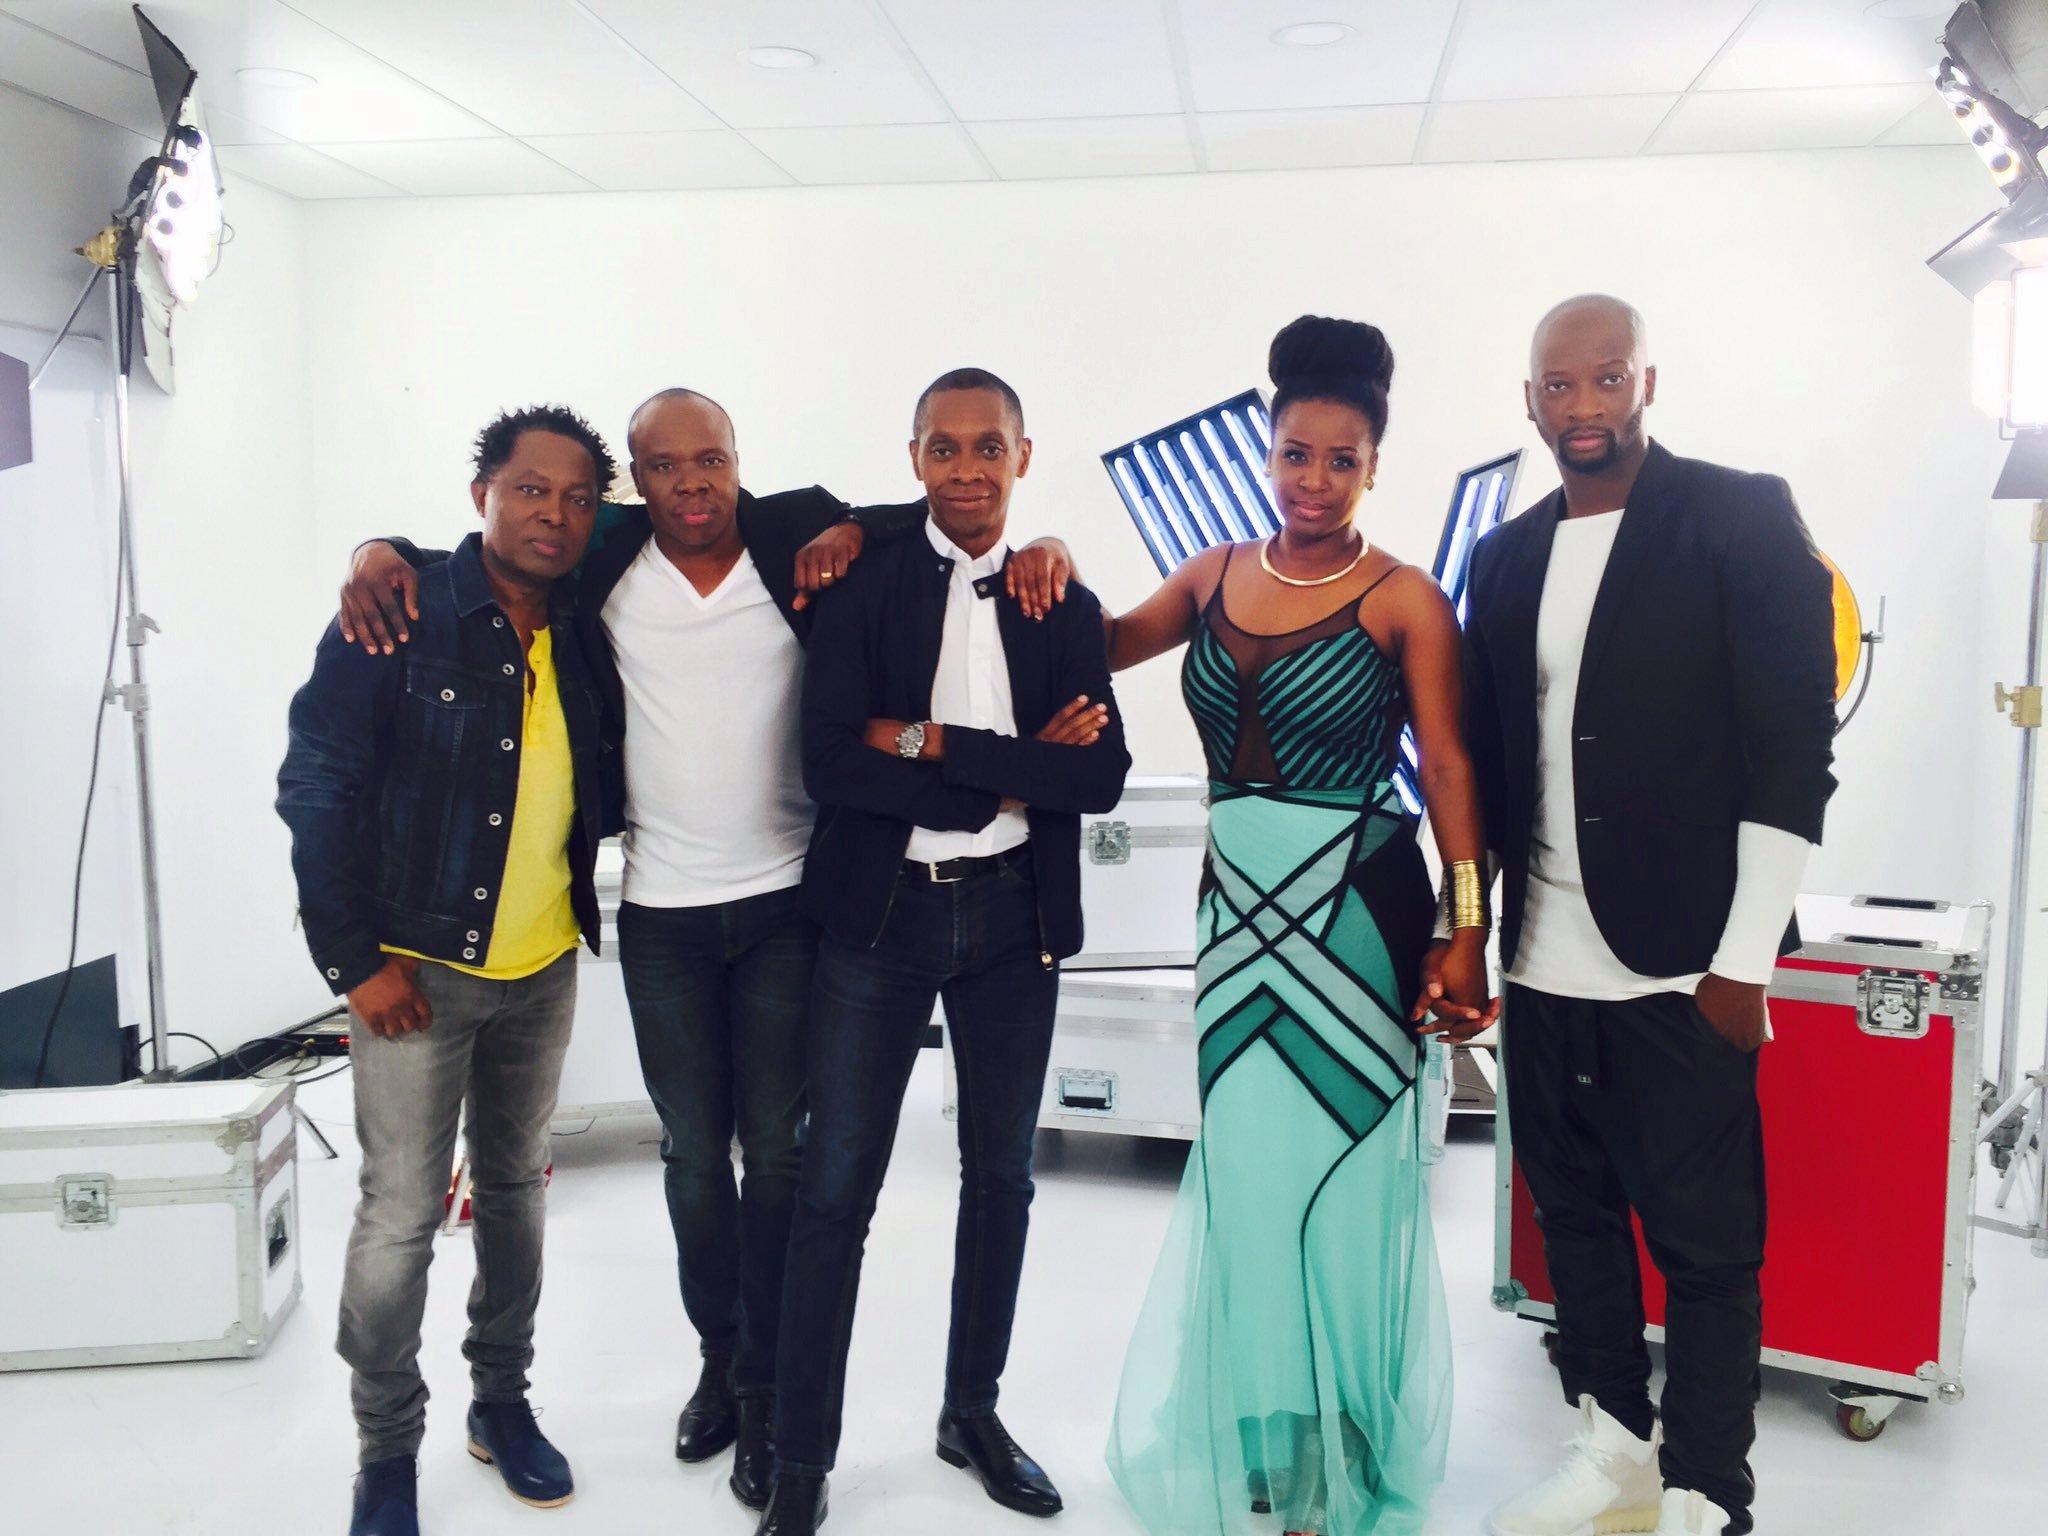 Claudy Siar avec les membres du jury de The Voice Afrique Francophone Lokua Kanza, Asalfo, Charlotte Dipanda et Singuila.